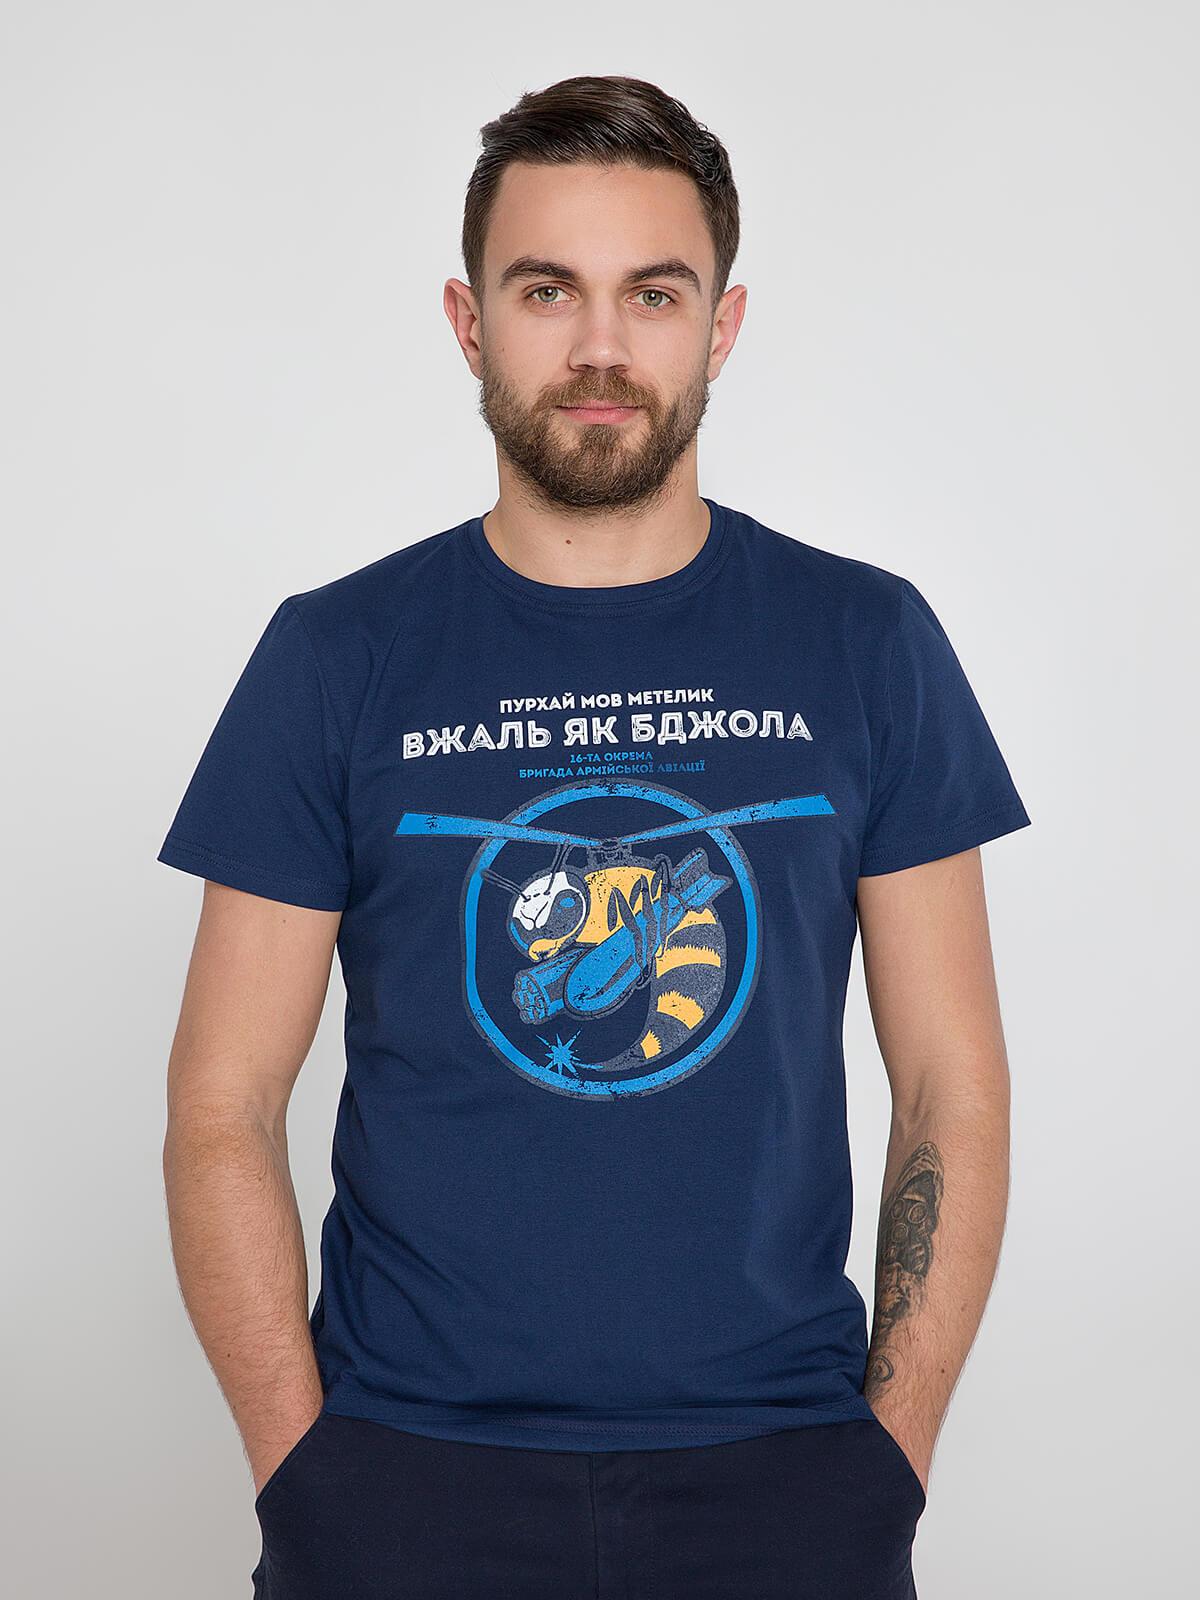 Чоловіча Футболка Бджола. Колір темно-синій. Футболка унісекс (розміри чоловічі).